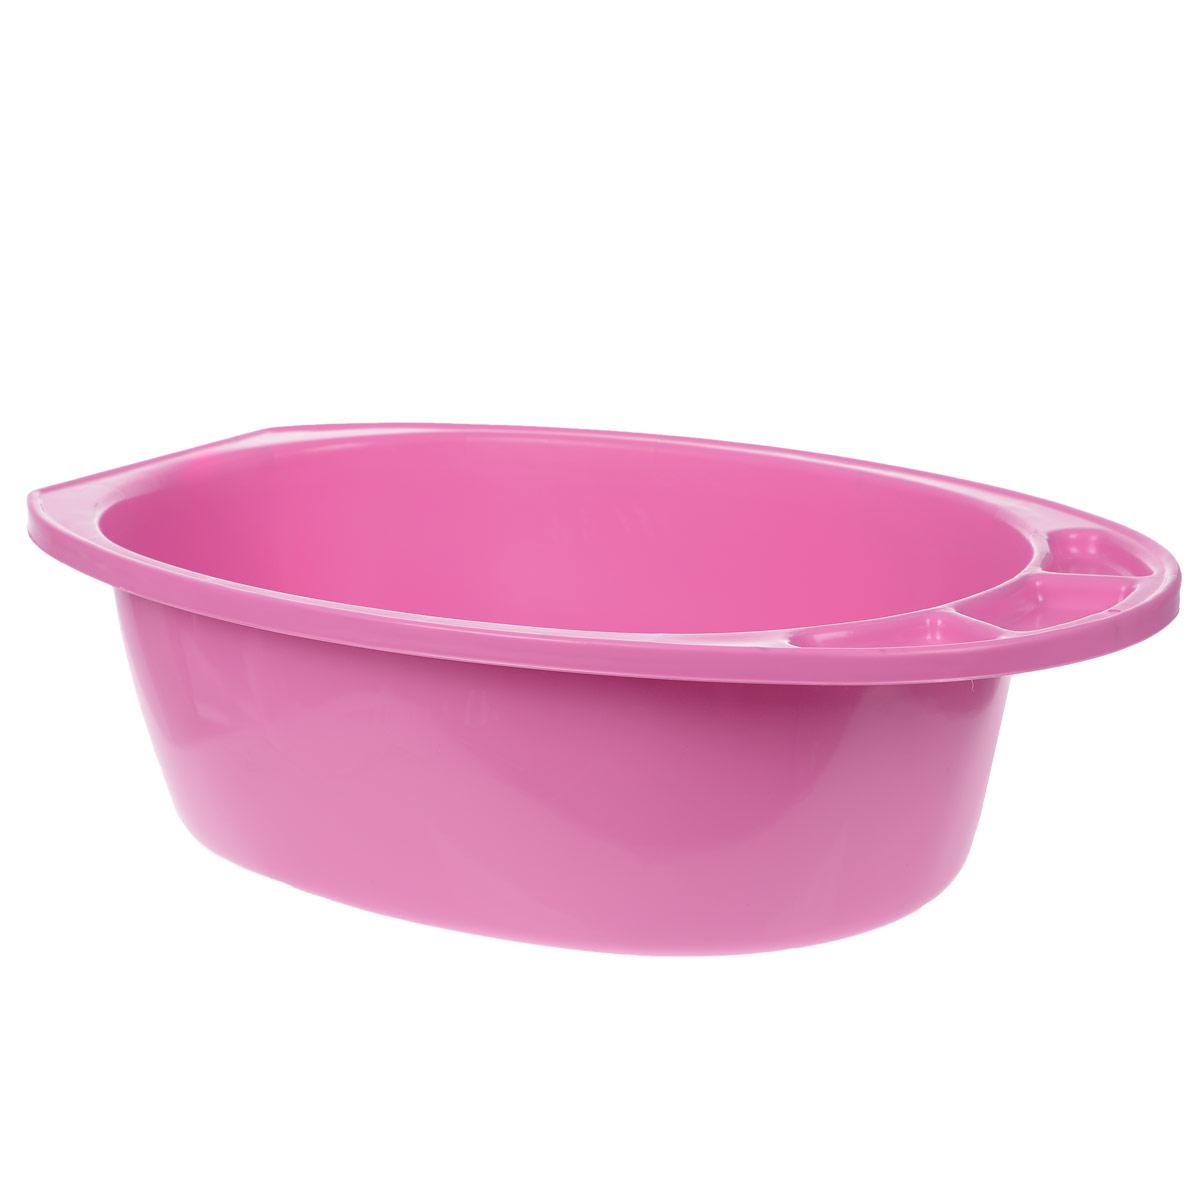 Ванночка детская М-пластика Морские обитатели, цвет: розовыйМ 2591_розовыйВанночка детская Морские обитатели идеально подойдет для купания малыша. Ванна изготовлена из прочного полипропилена без содержания токсичных веществ и имеет удобные выемки для мыла и других принадлежностей. Дно рельефное, оформлено изображением морских обитателей: дельфина, черепахи, краба, рыбки и морской звездочки.